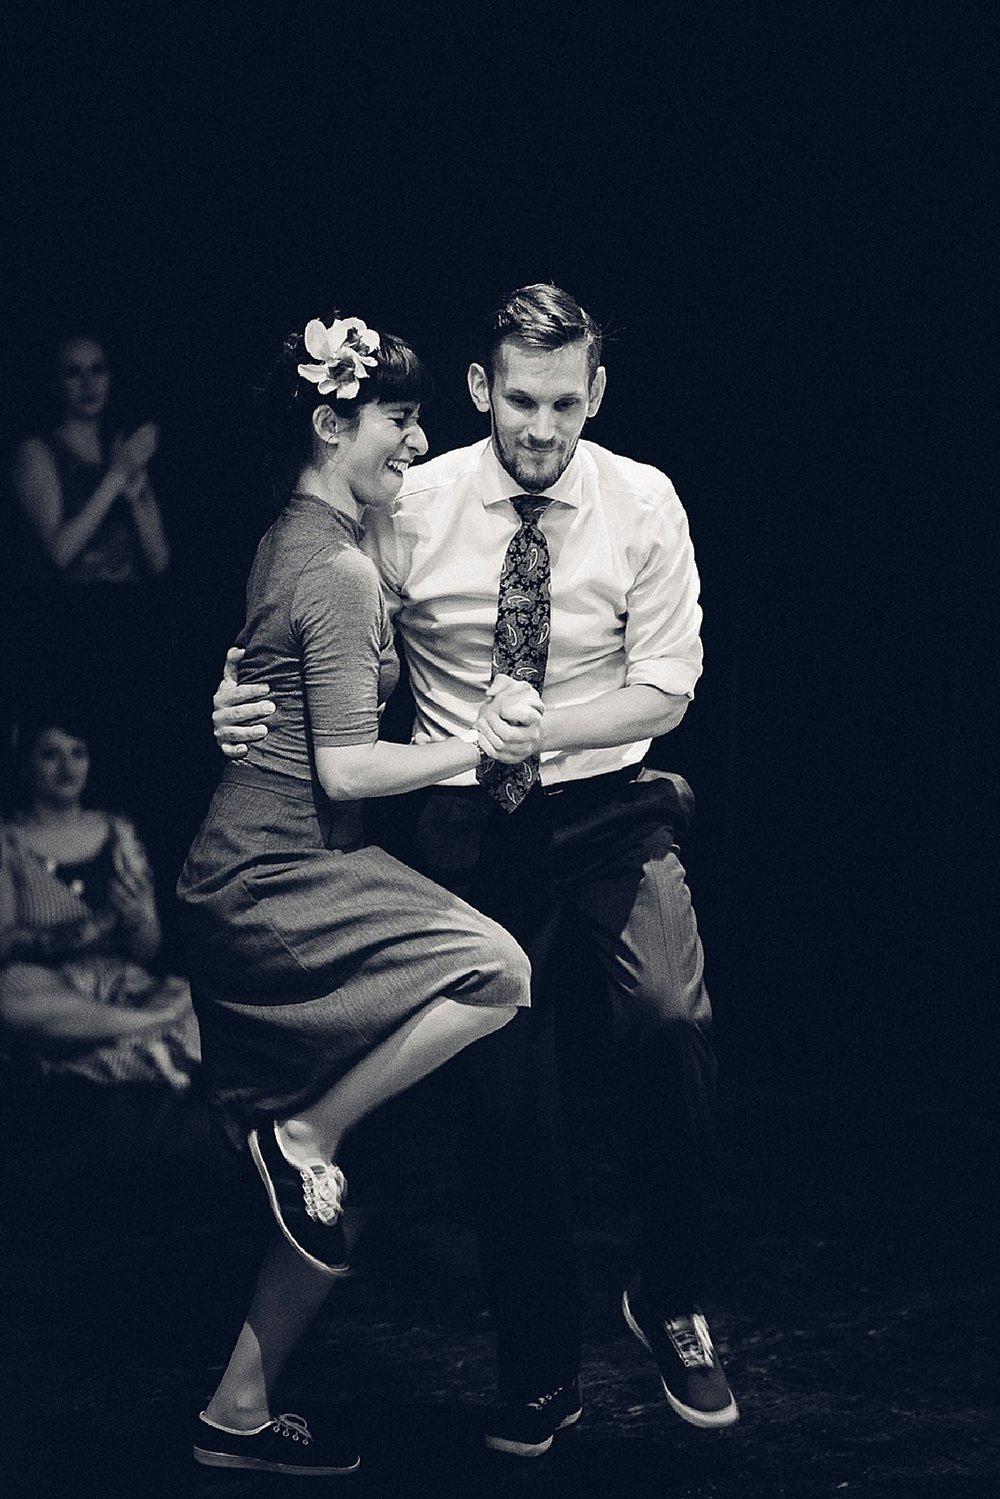 SLX2016-SydneyLindyExchange-DancePhotography-Australia-LindyHop-GroovyBanana-SwingPhotographers_0004.jpg